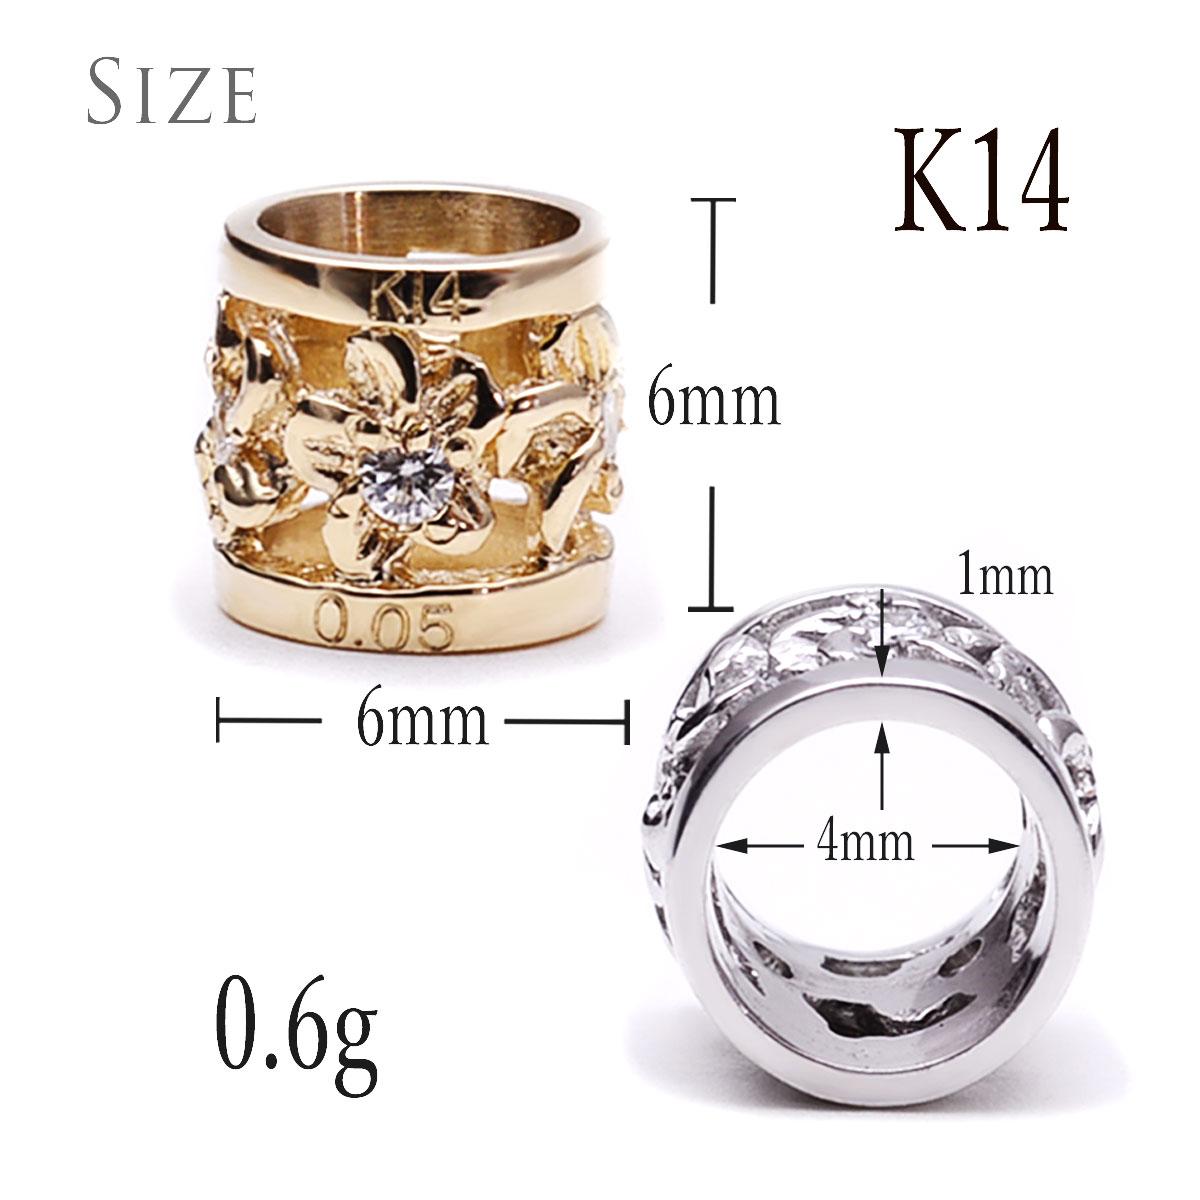 ハワイアンジュエリー ネックレス ダイヤモンドプチバレル・K18ゴールドペンダント apdo6498apd